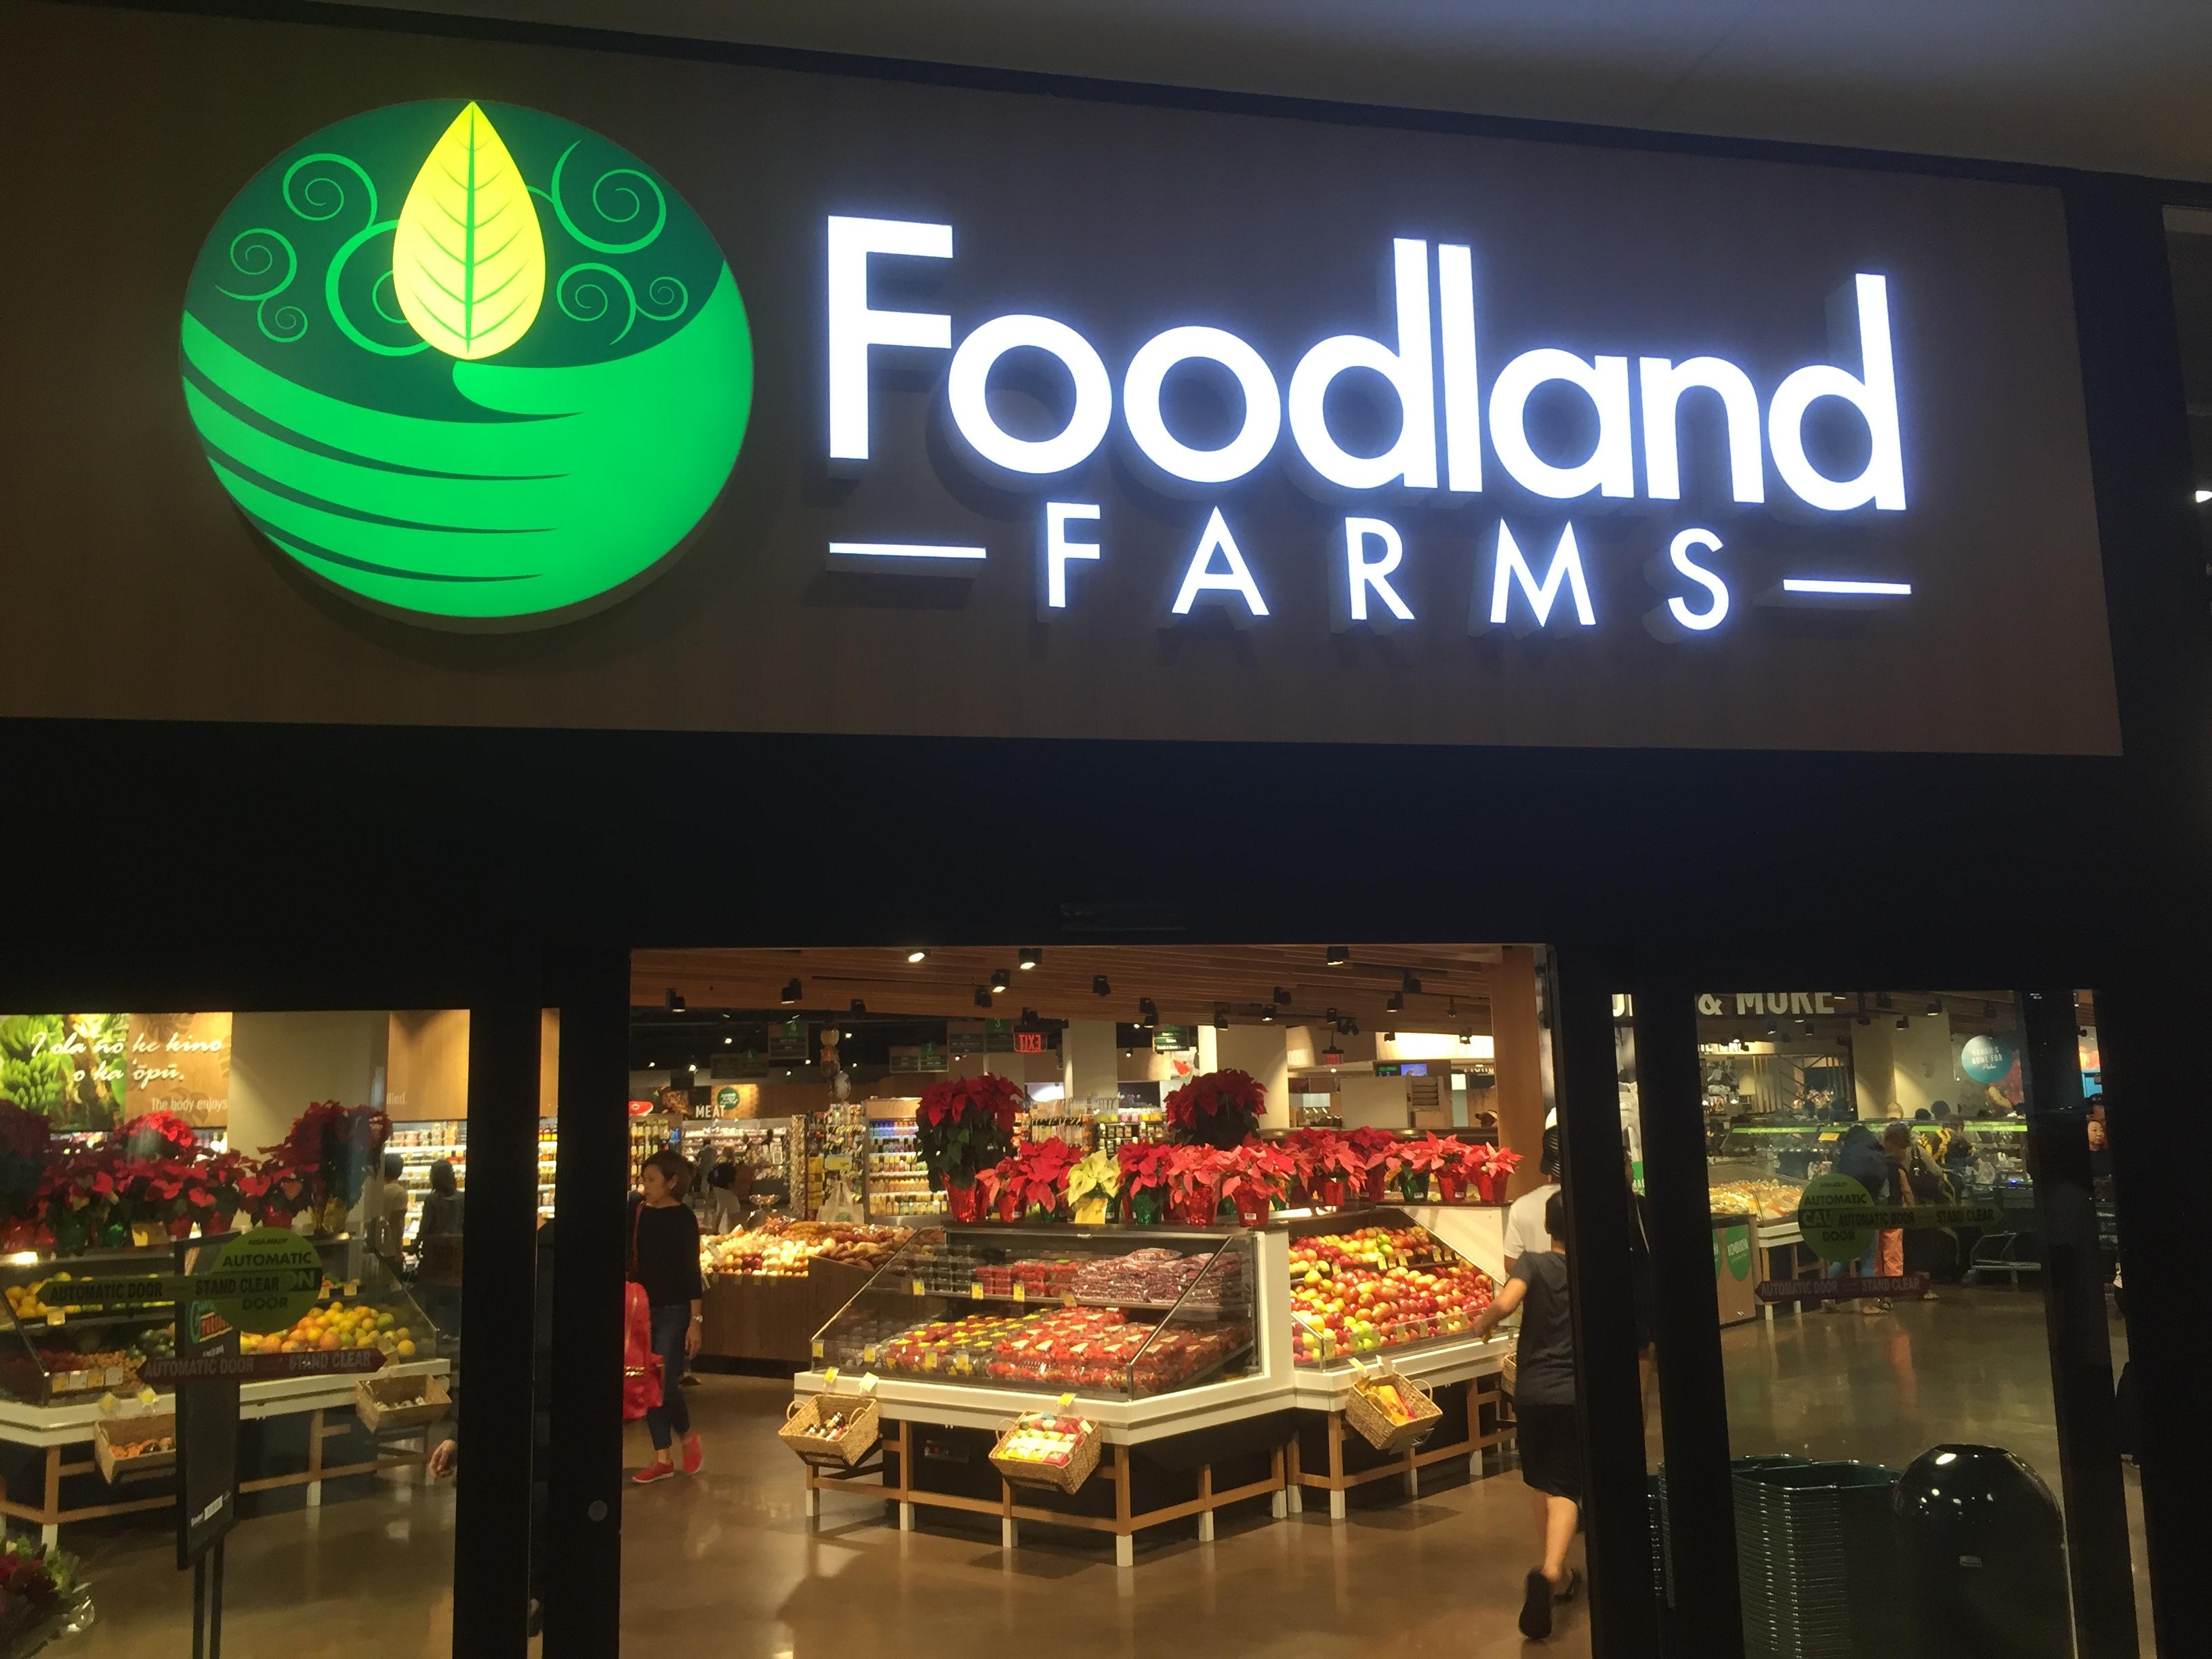 Foodland Farms at Ala Moana